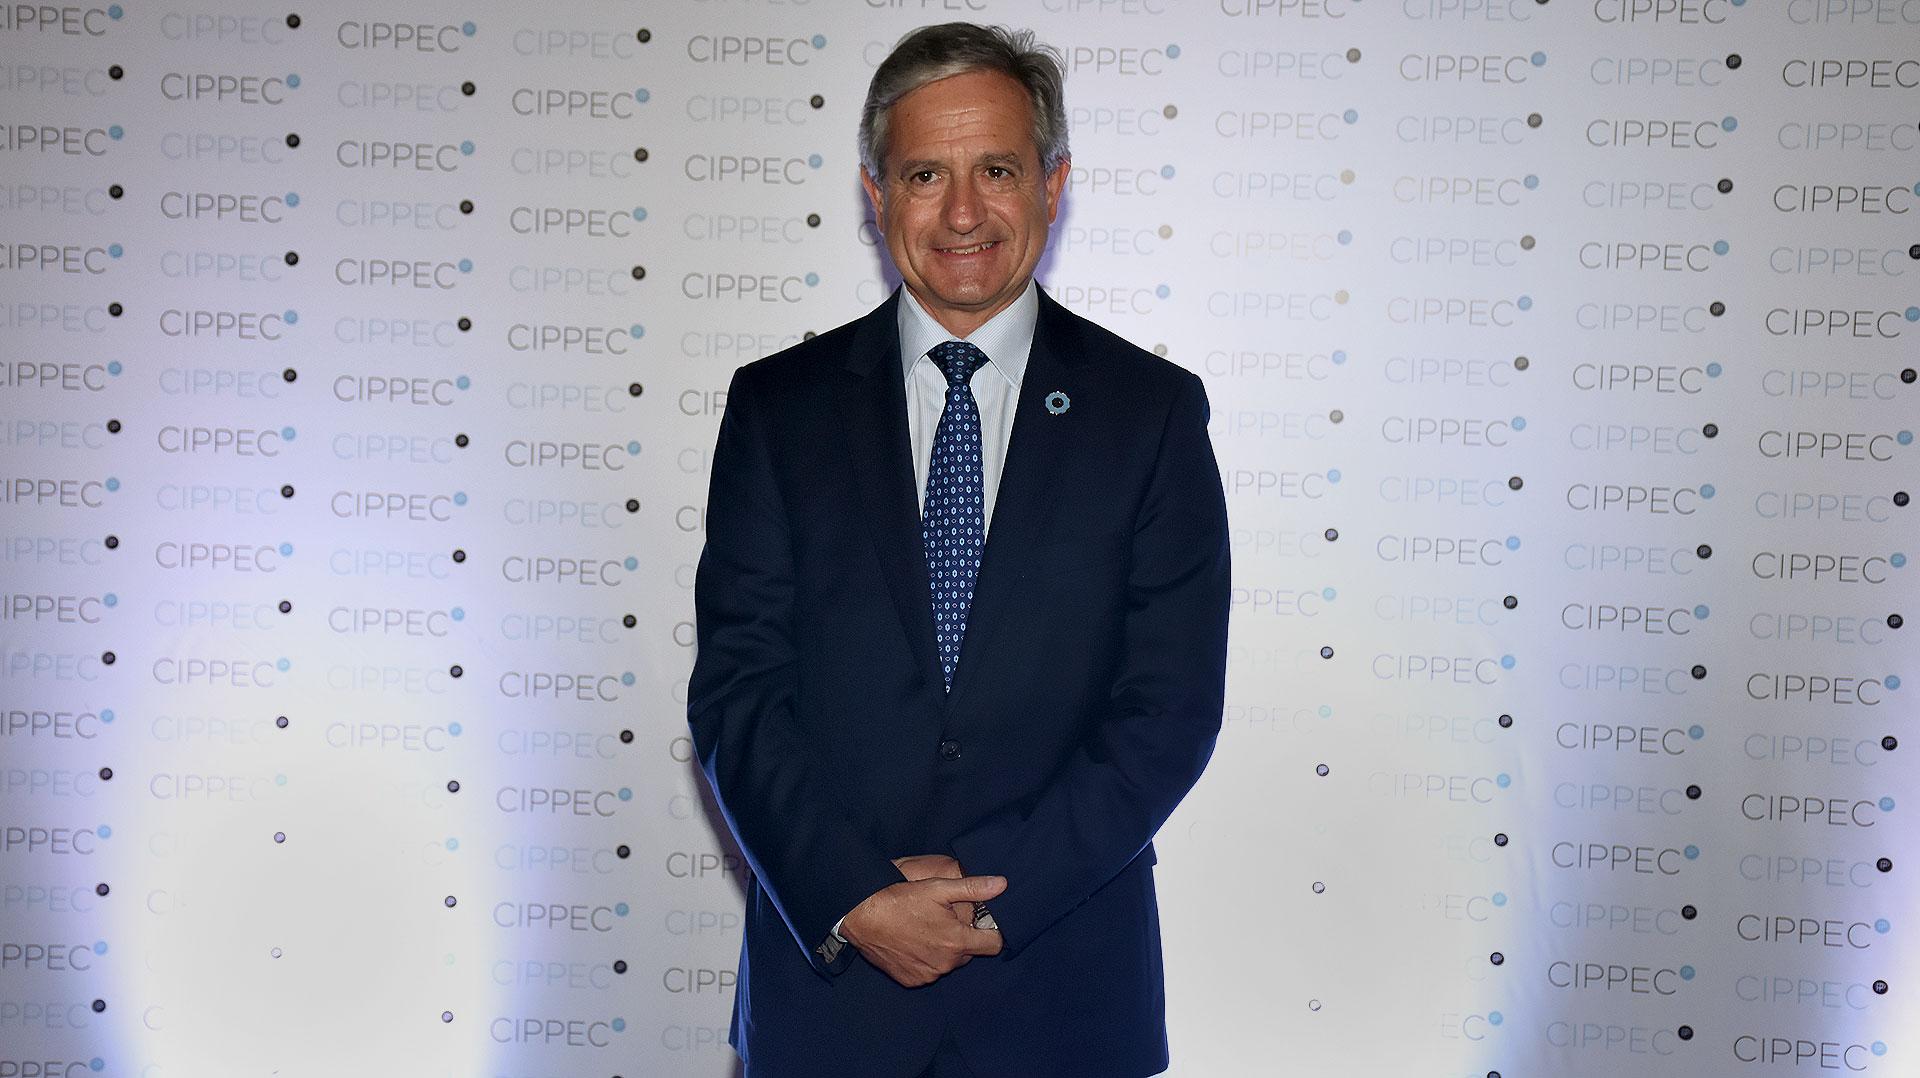 El ministro de Modernización, Andrés Ibarra